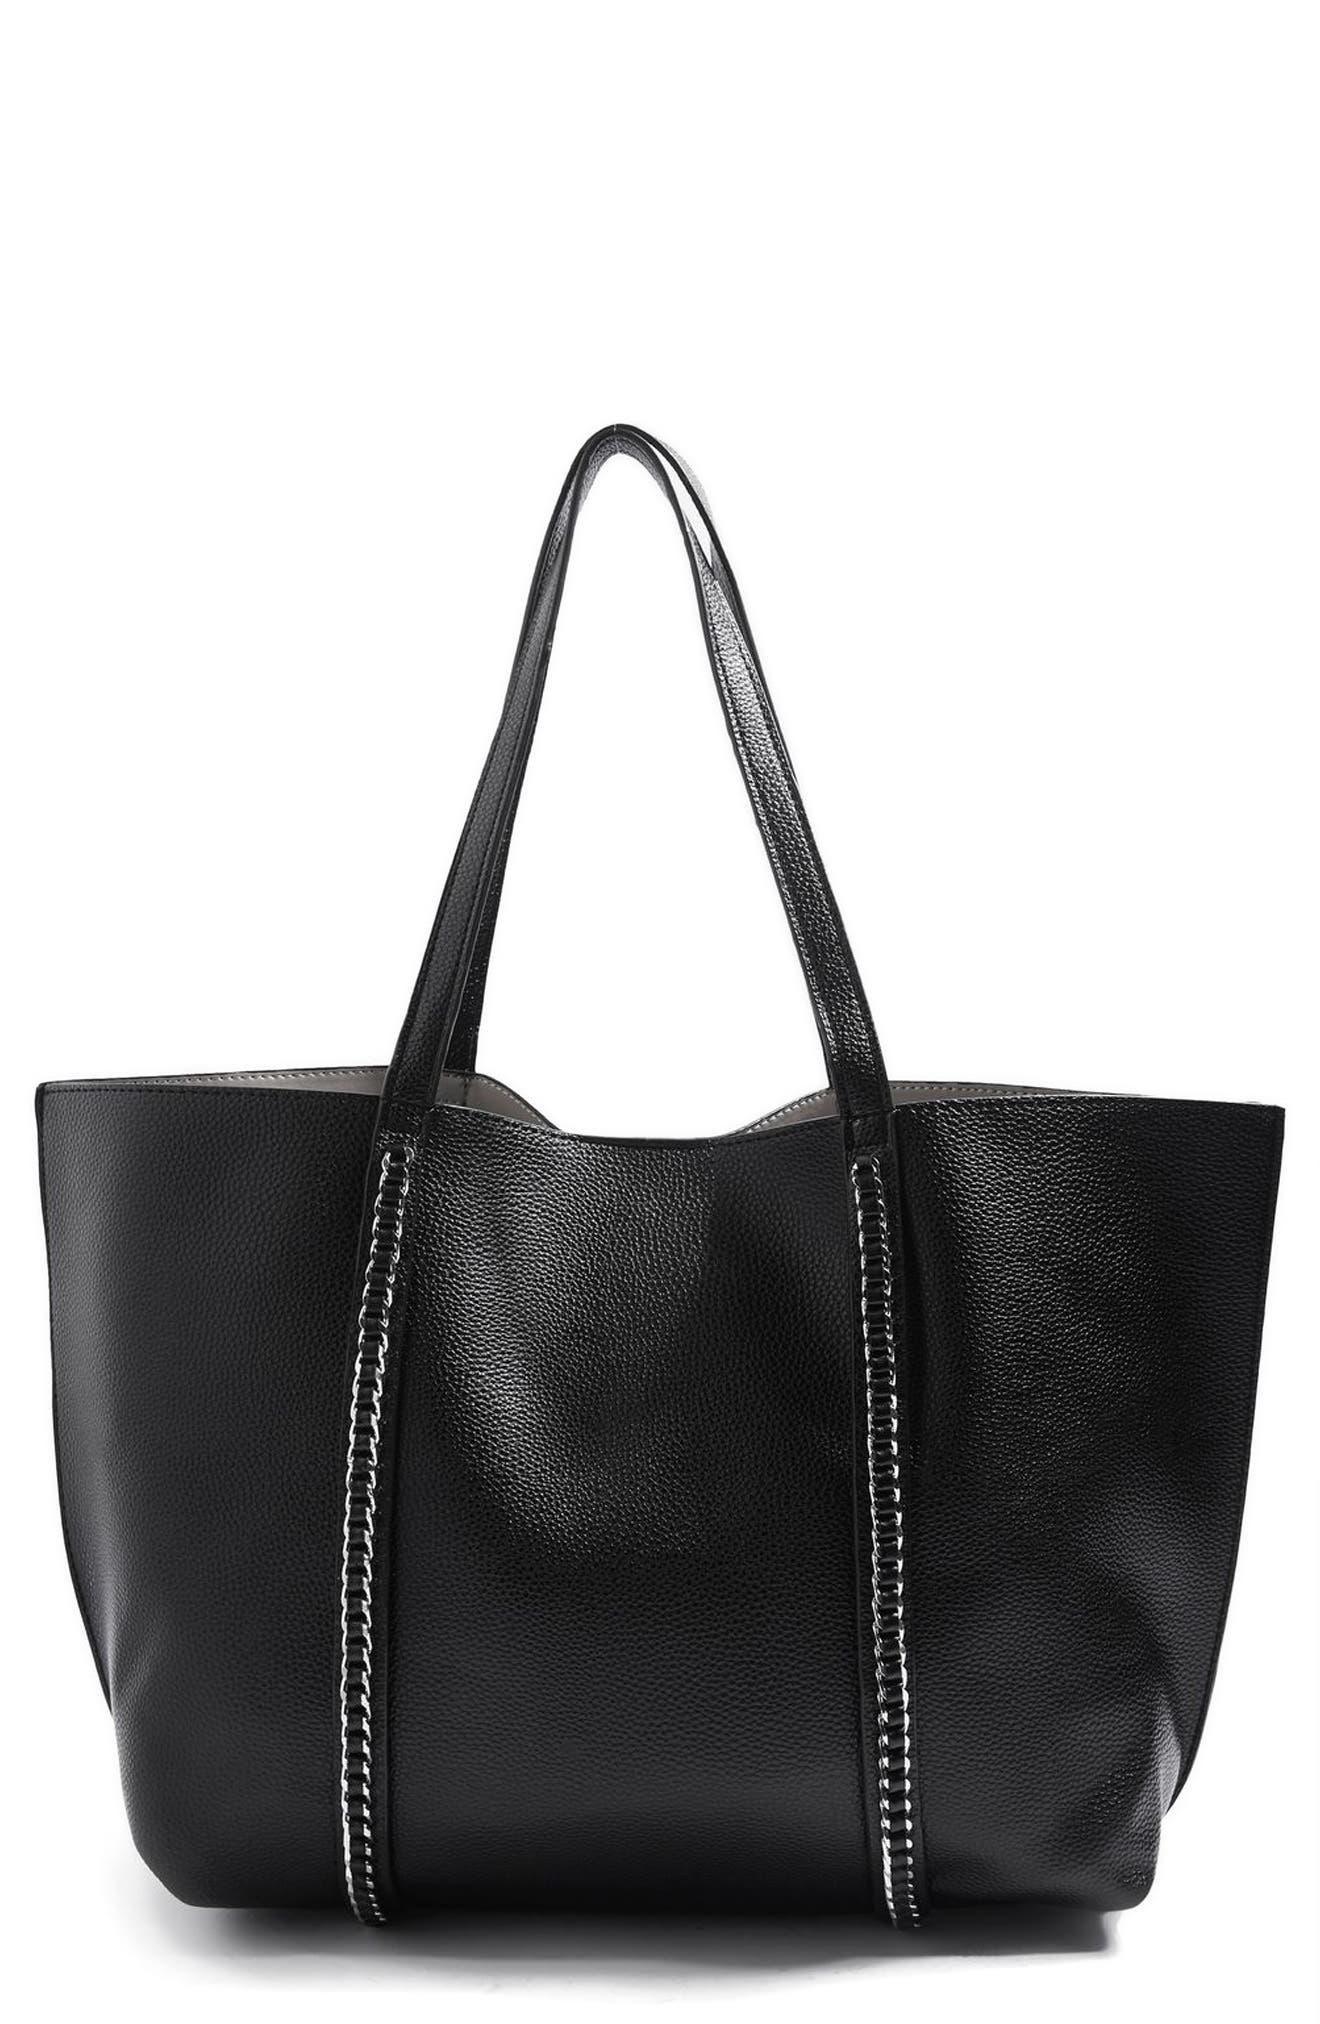 Topshop Sabrina Chain Trim Faux Leather Shopper